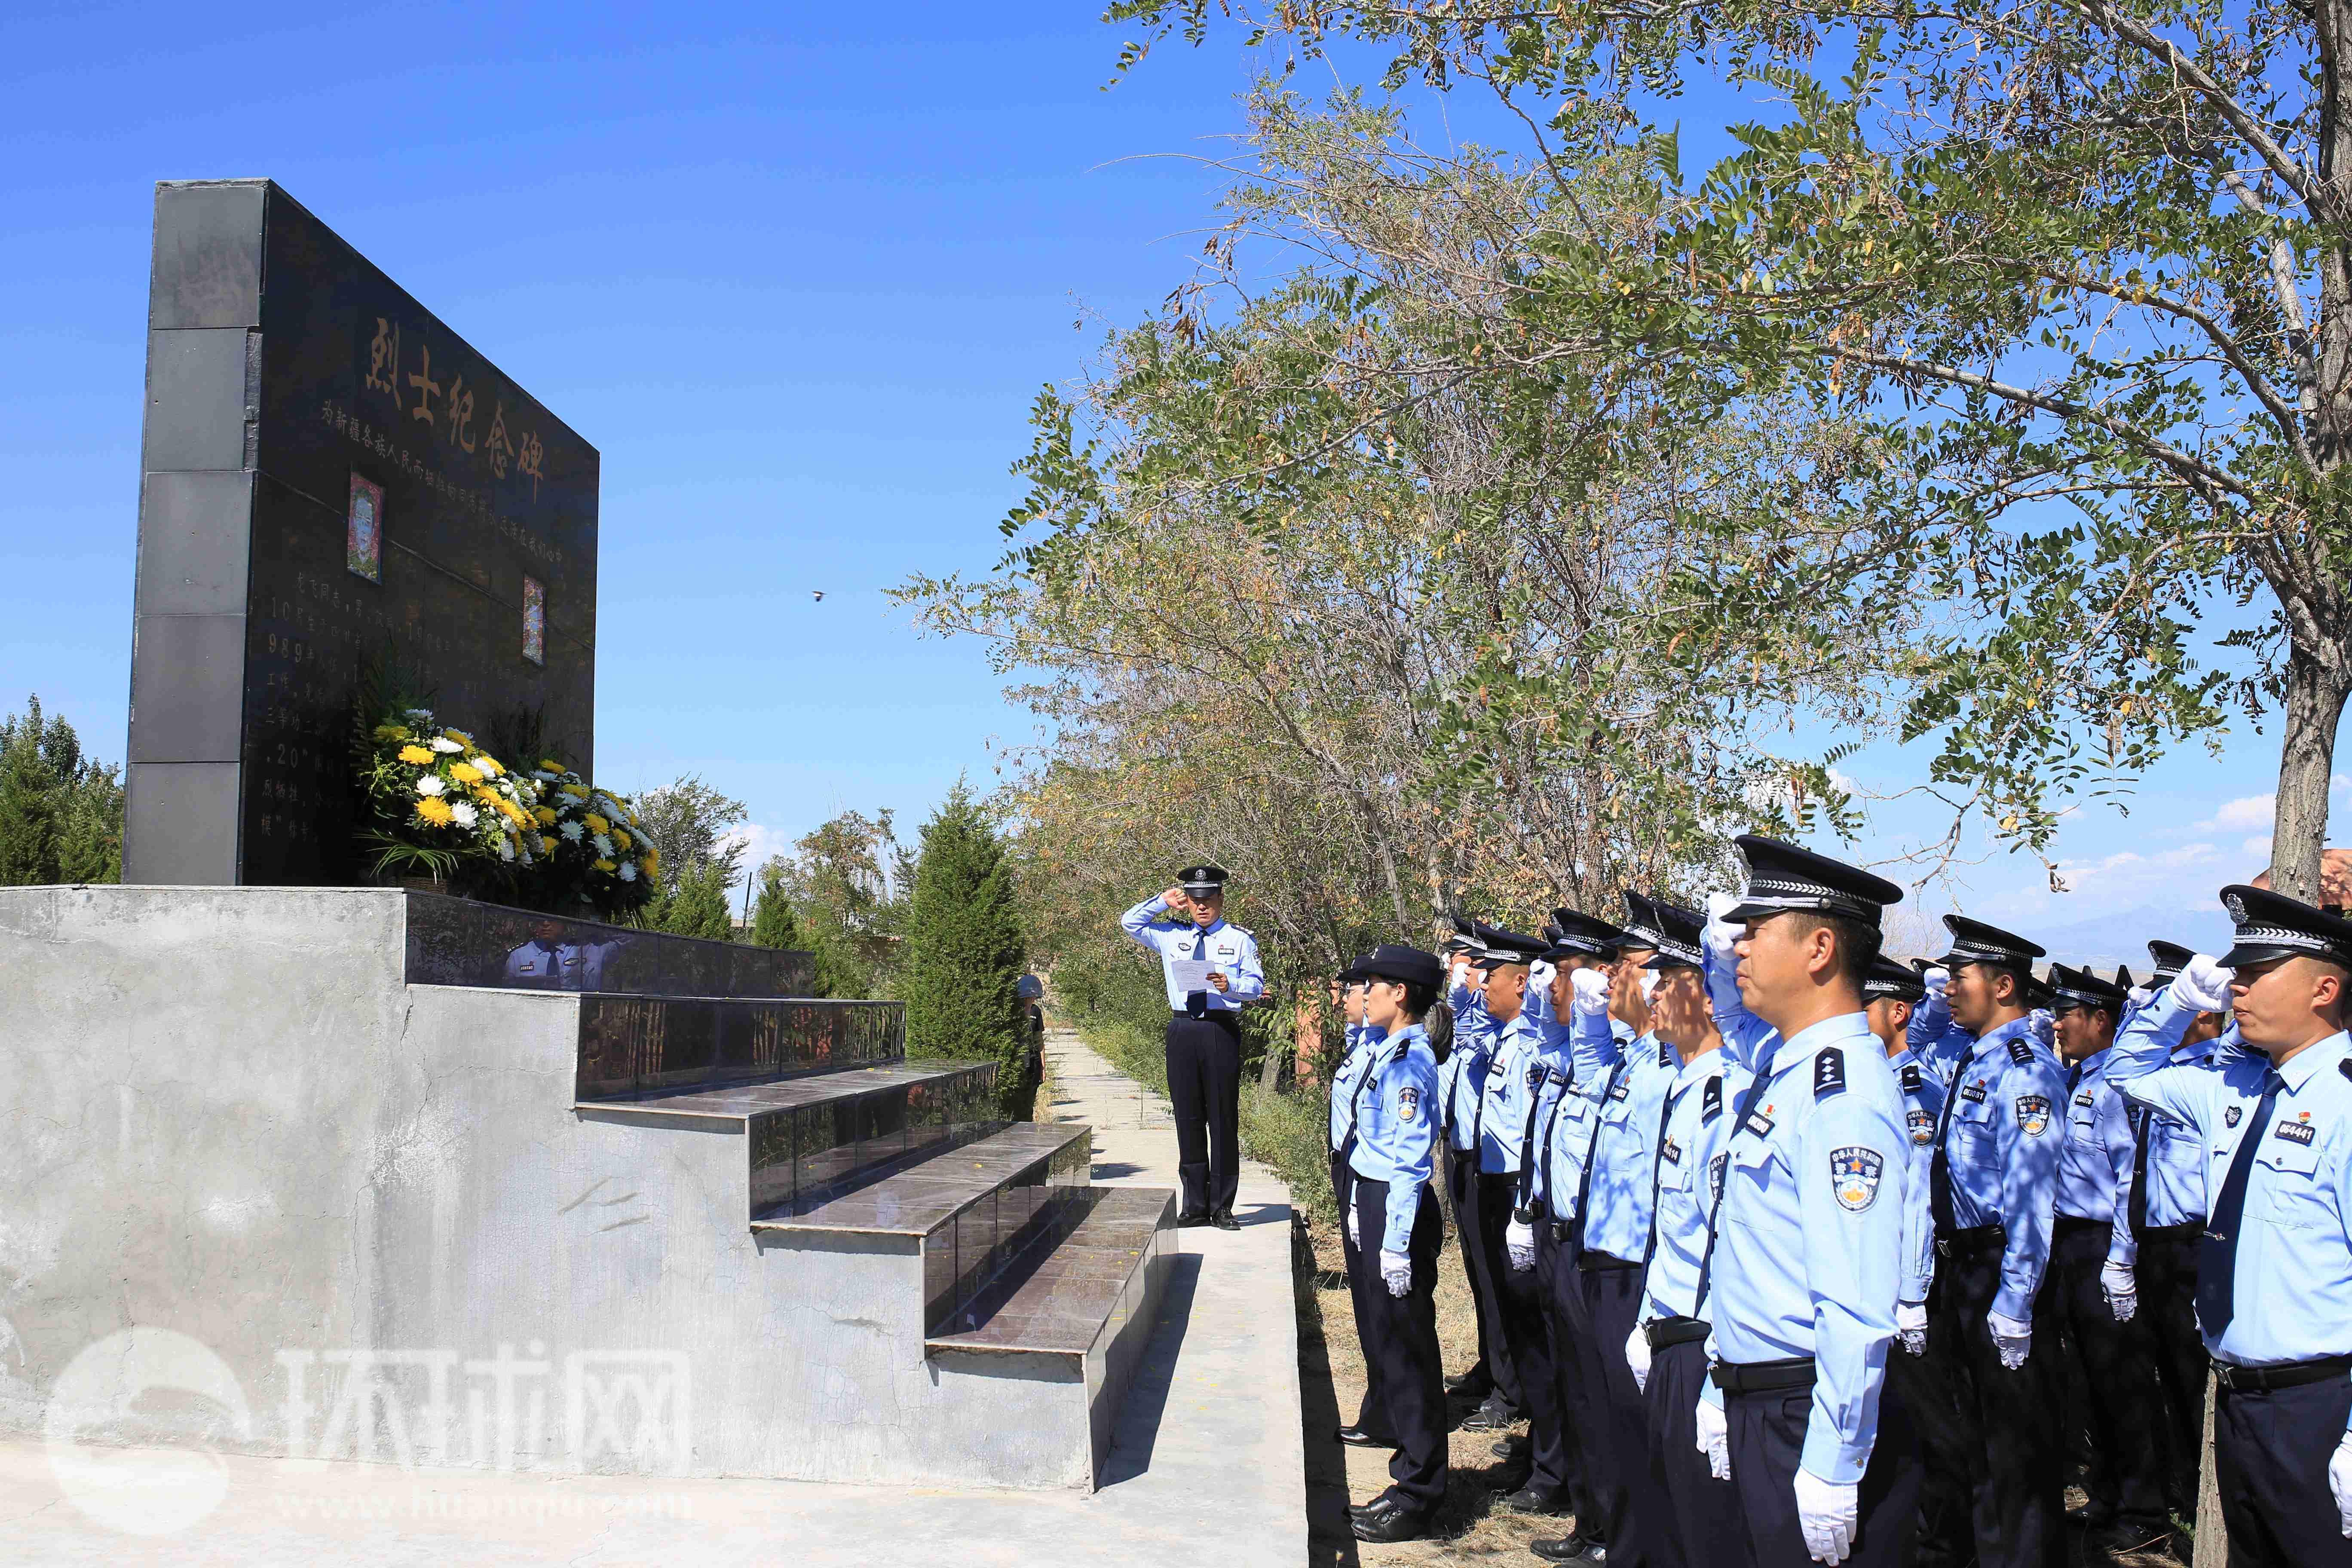 伊犁州公安局干警在烈士纪念碑前宣誓。摄影 范凌志